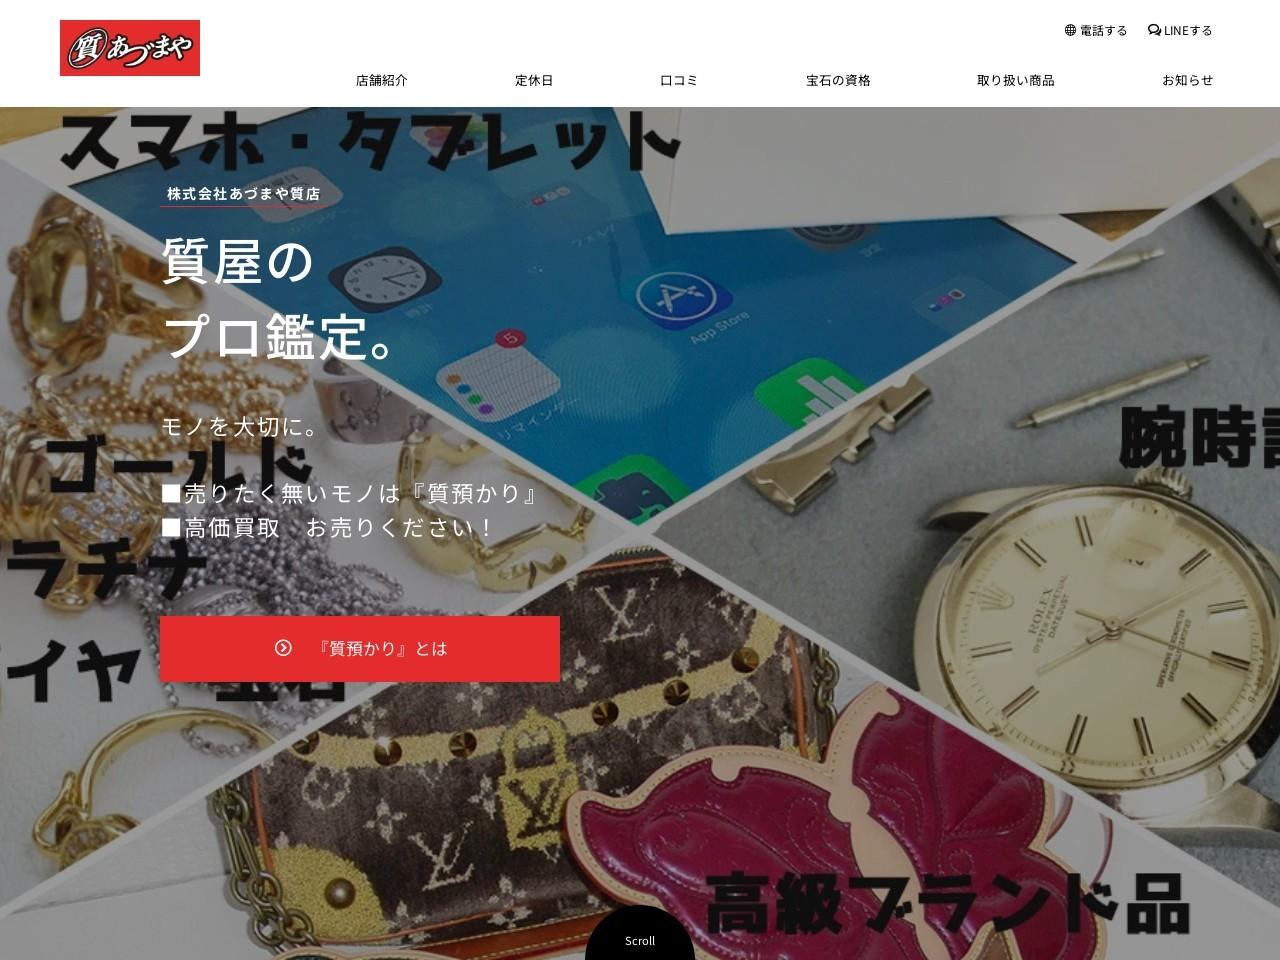 札幌の質屋 | あづまや質店 / 東区 ブランド品・金・ダイヤ ・腕時計・スマホの査定